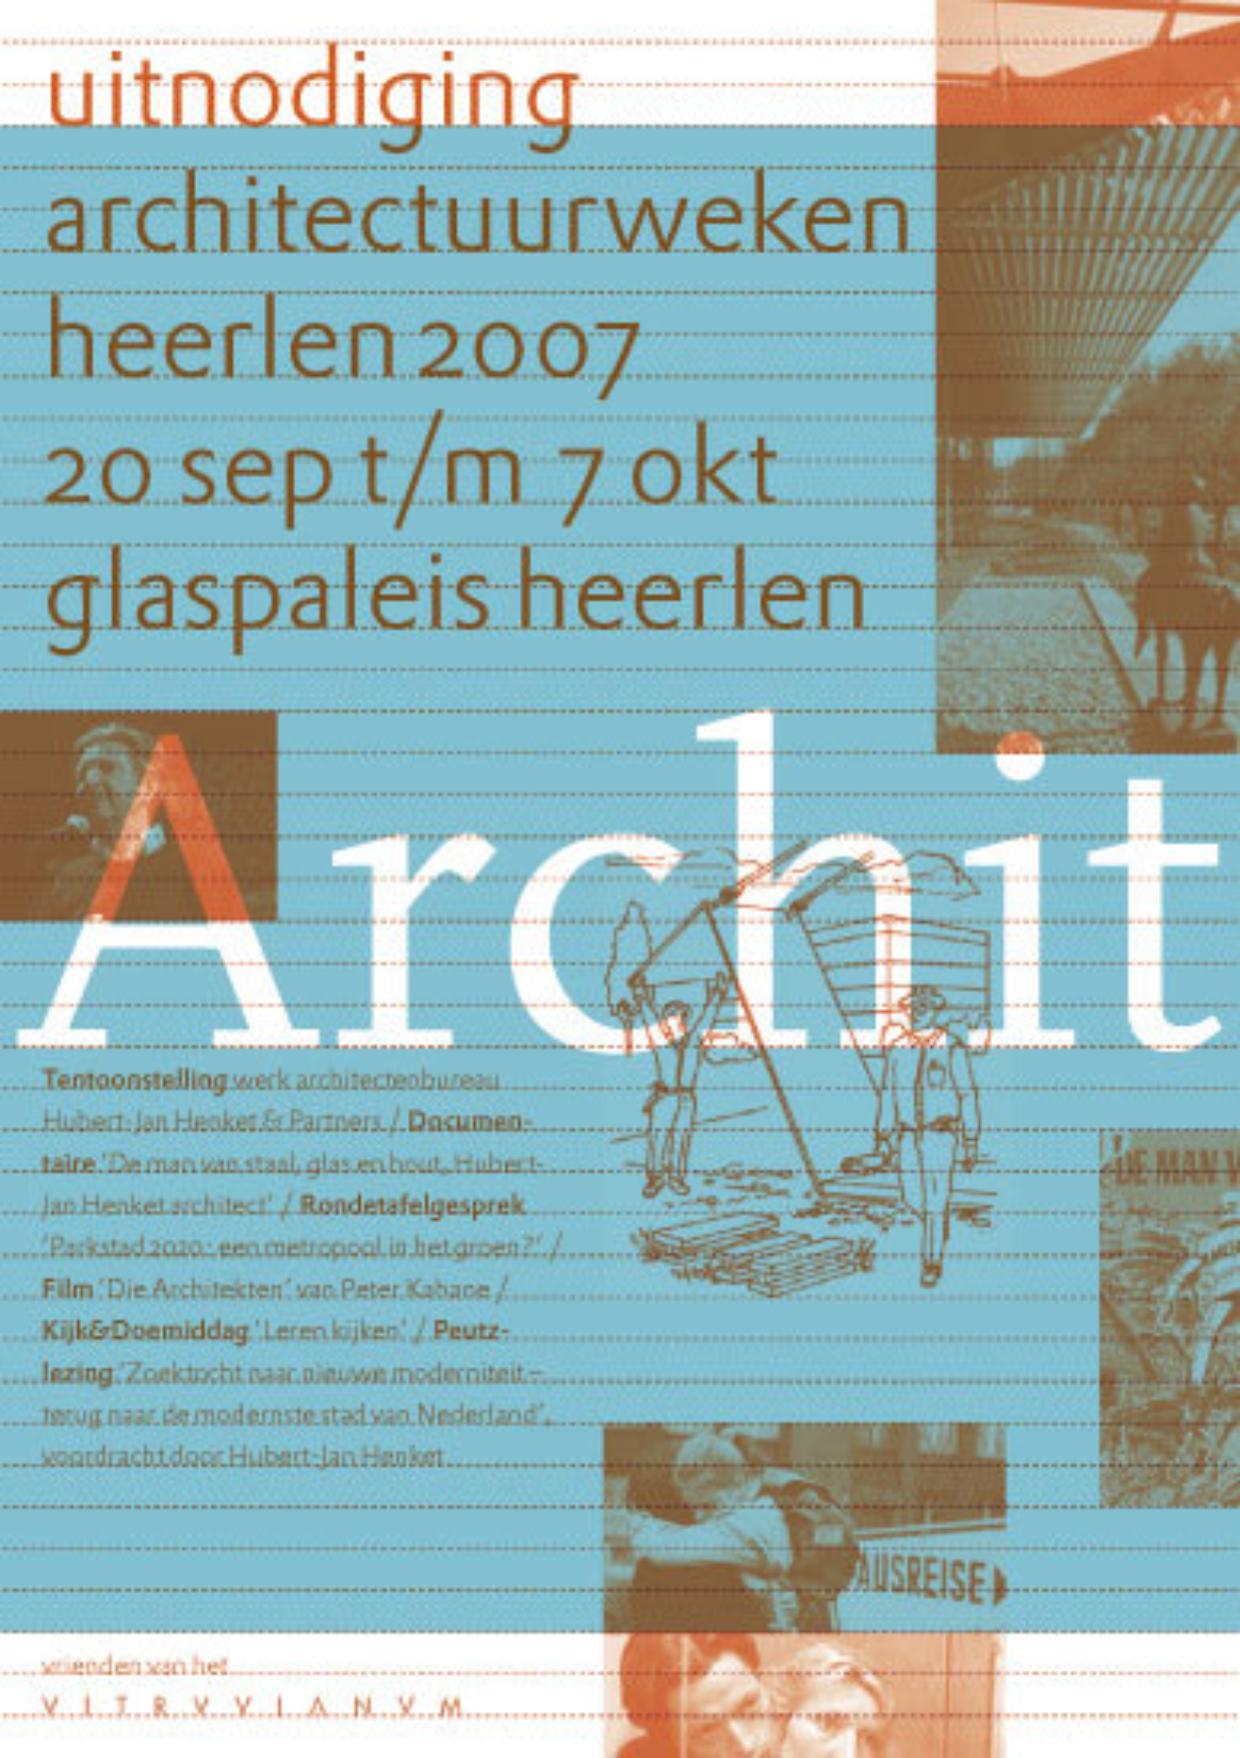 Flyer Architectuurweken Heerlen